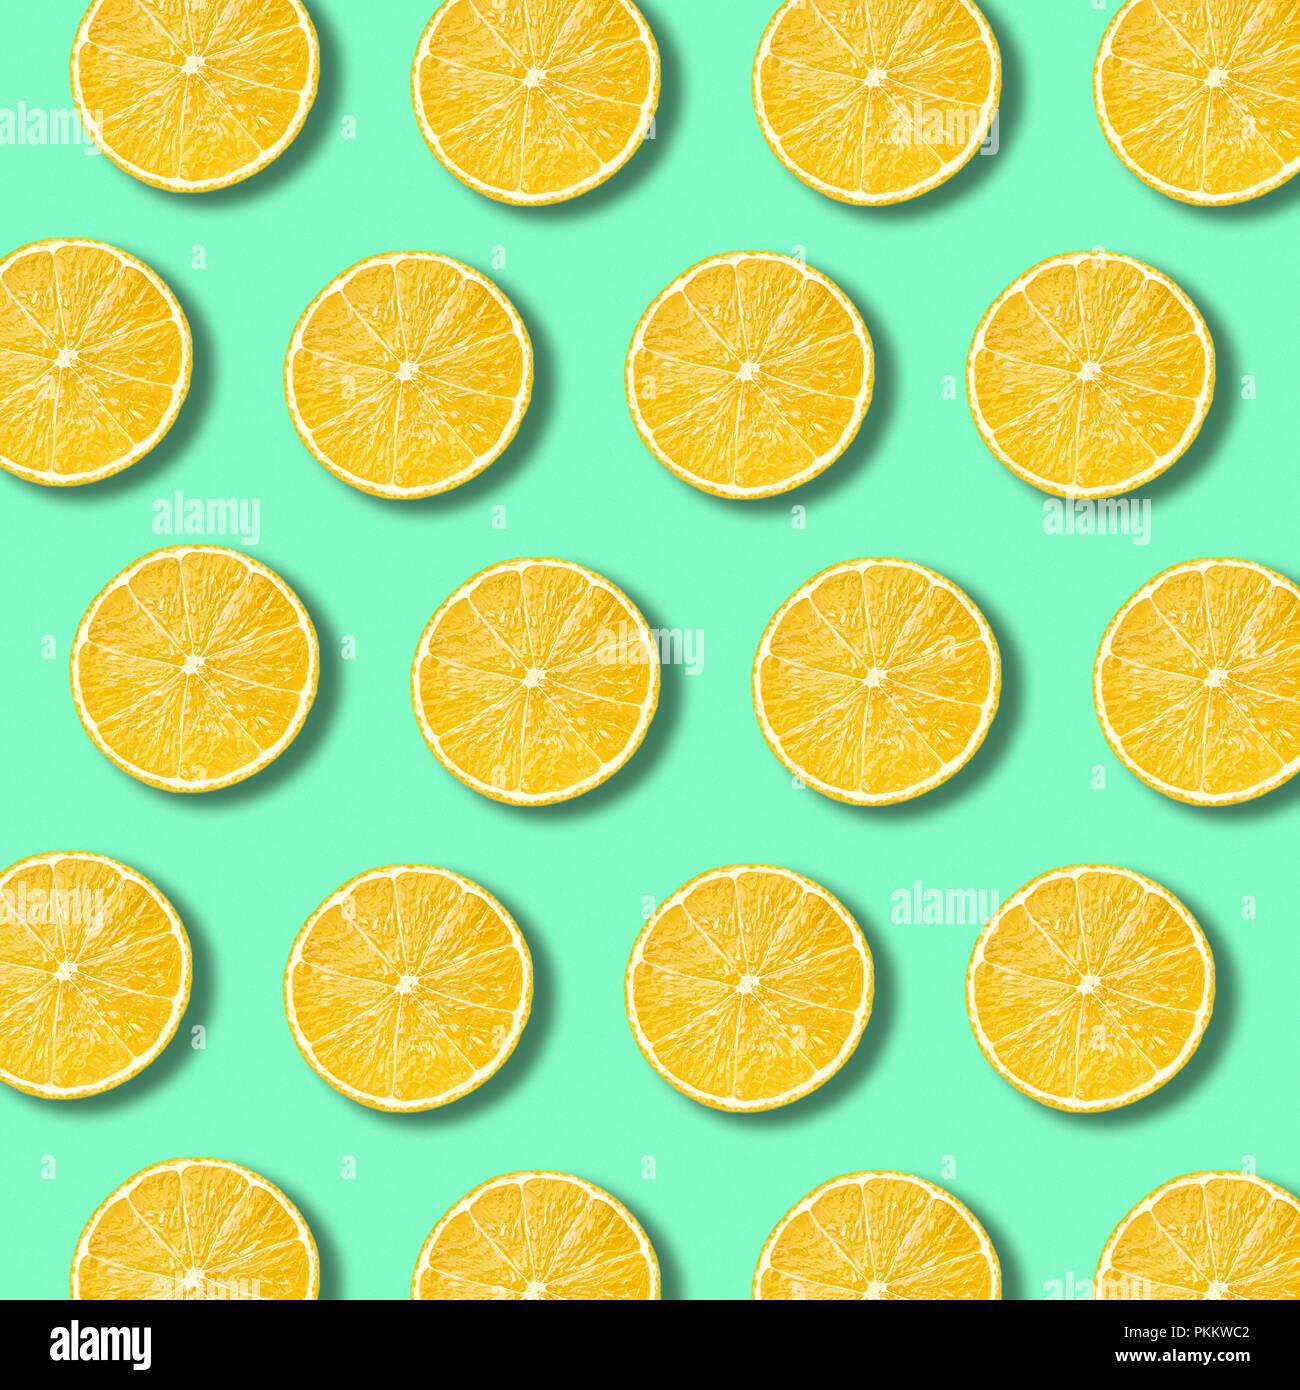 Fette di limone pattern su luce verde vibrante colore di sfondo. Minimo lay piatto food texture Immagini Stock